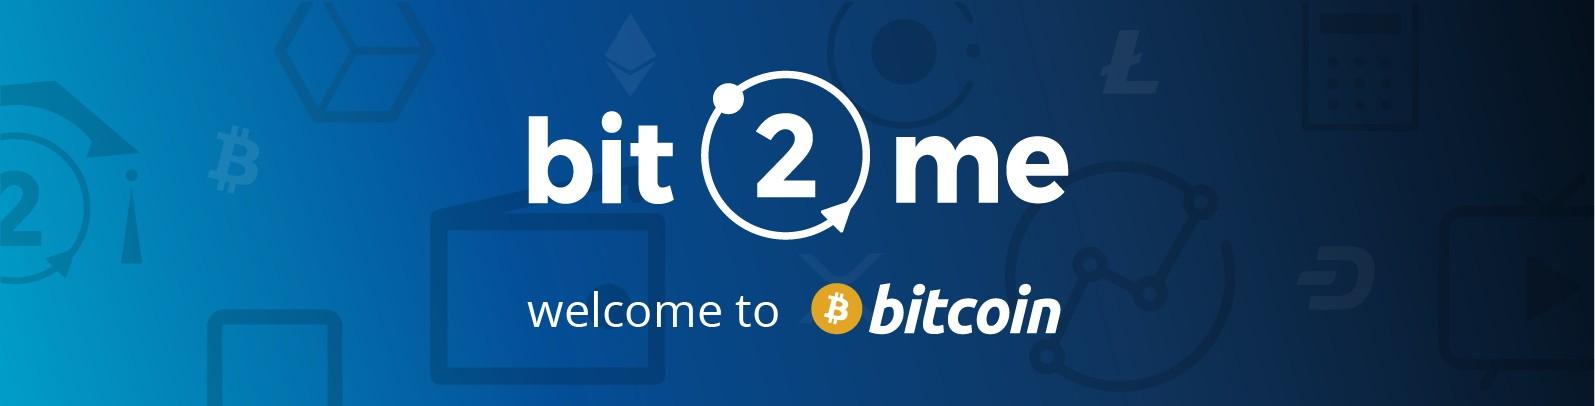 ce se rezervă pentru bitcoin posibilitatea de a face bani prin internet